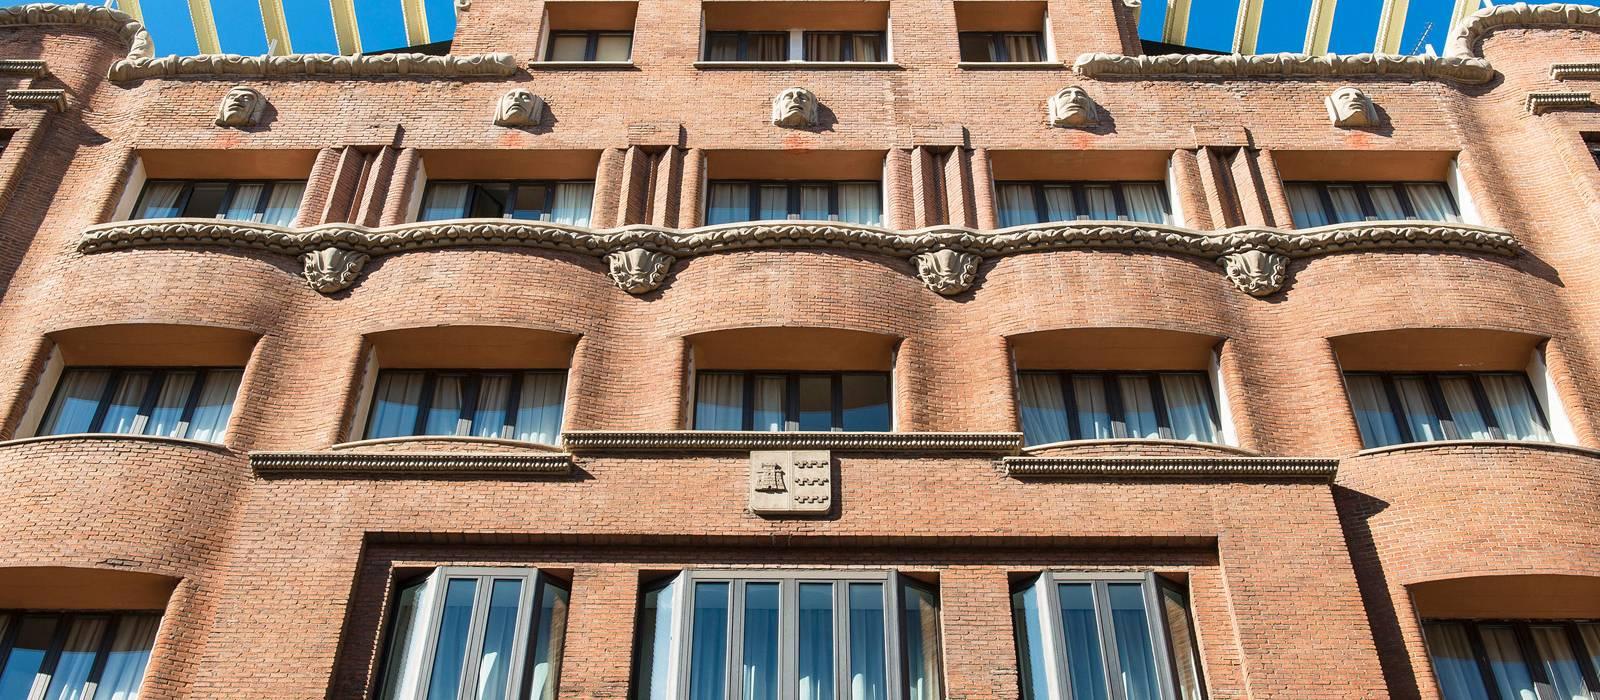 Seitenansicht - Vincci Centrum 4*